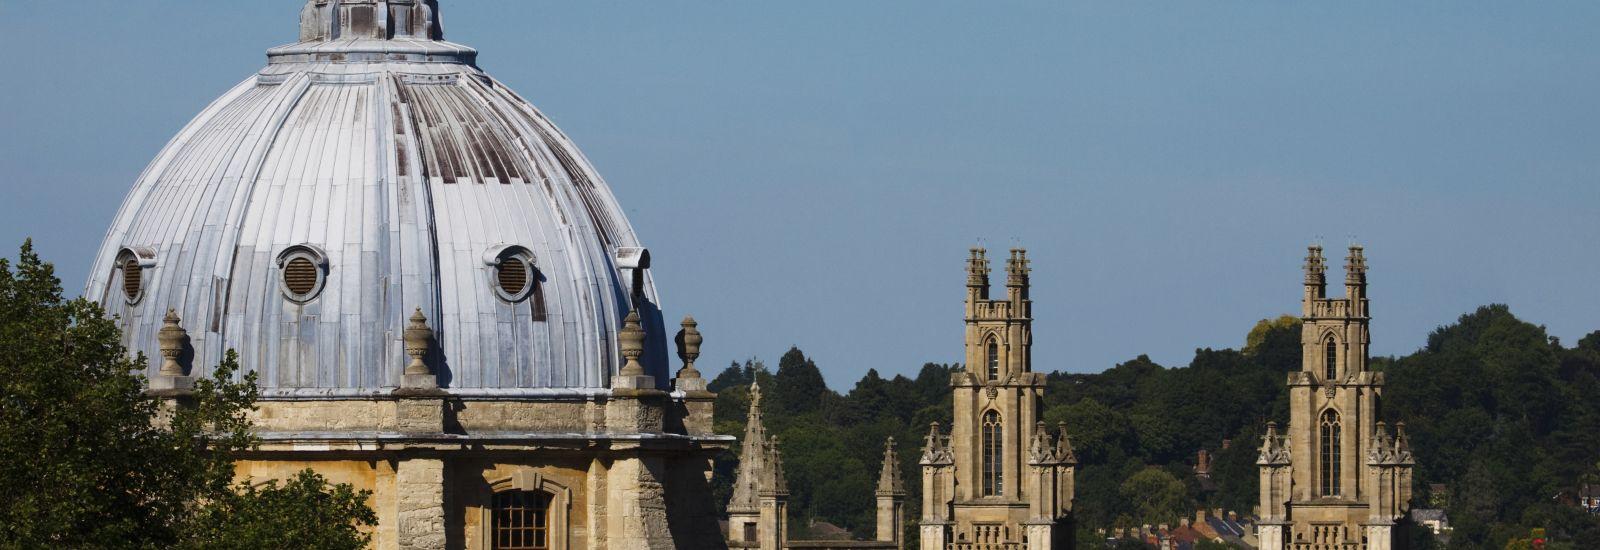 In Oxford